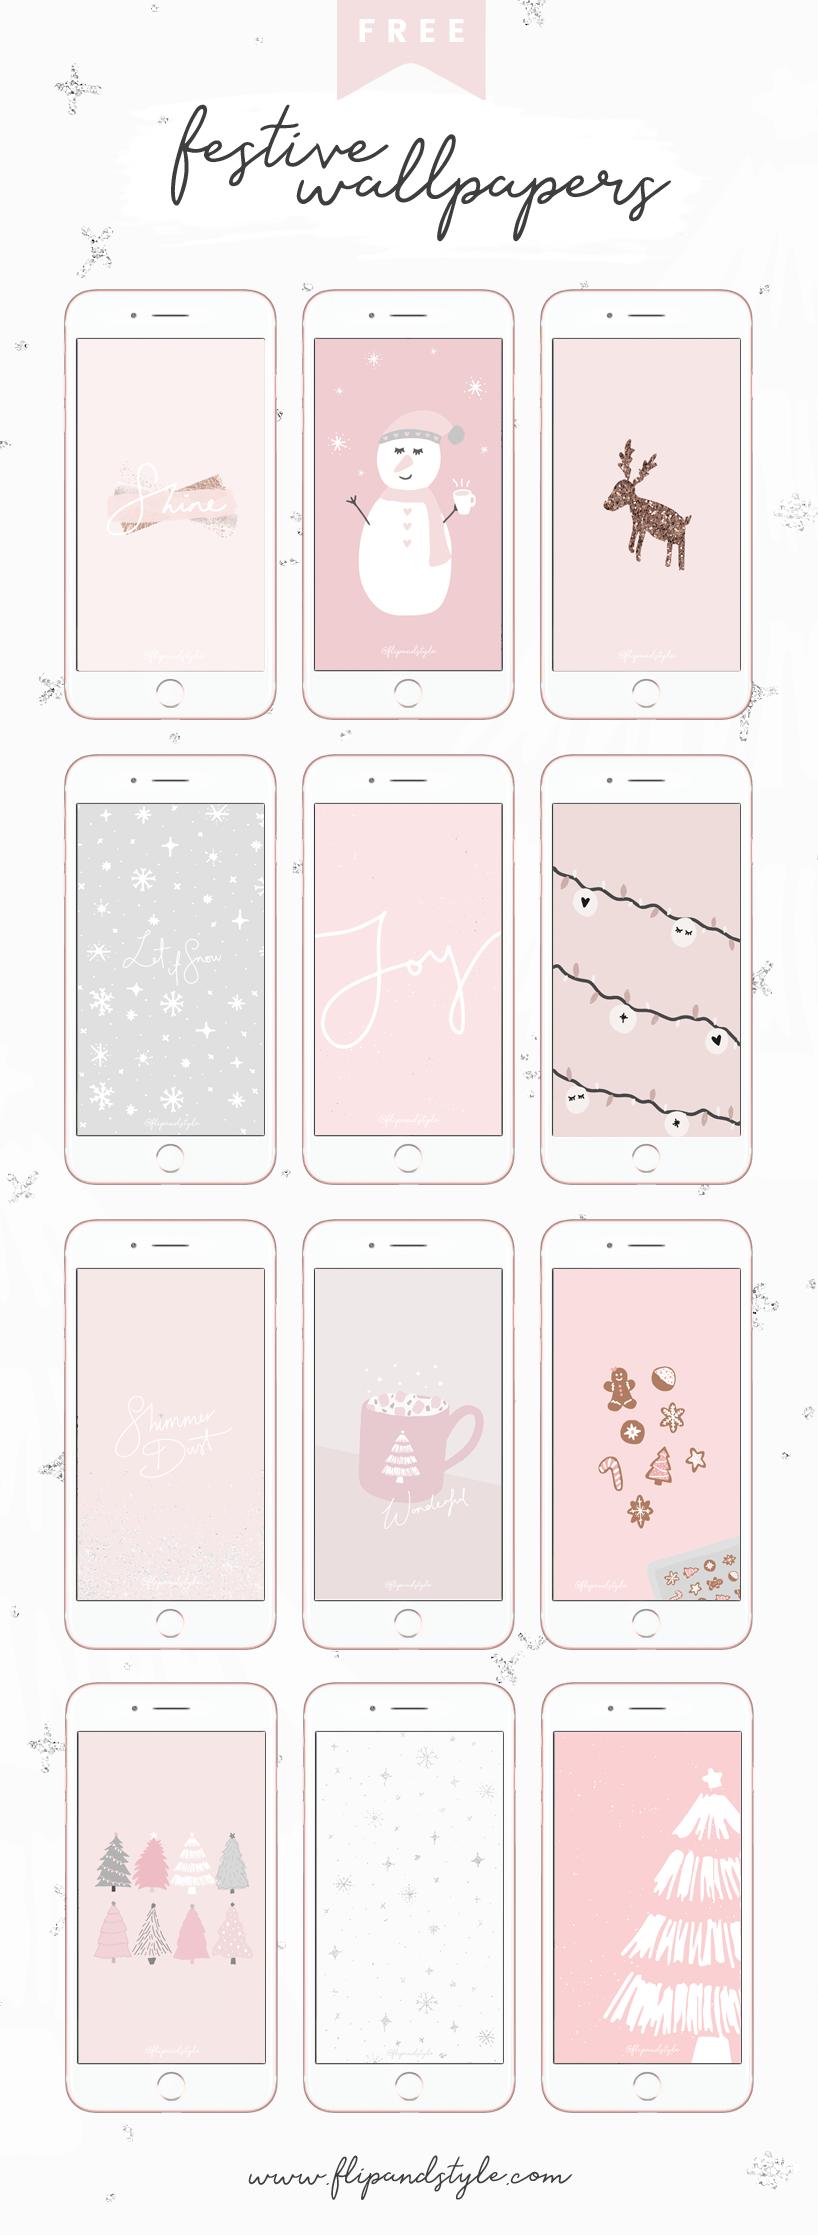 free wallpapers phone desktop christmas freebies